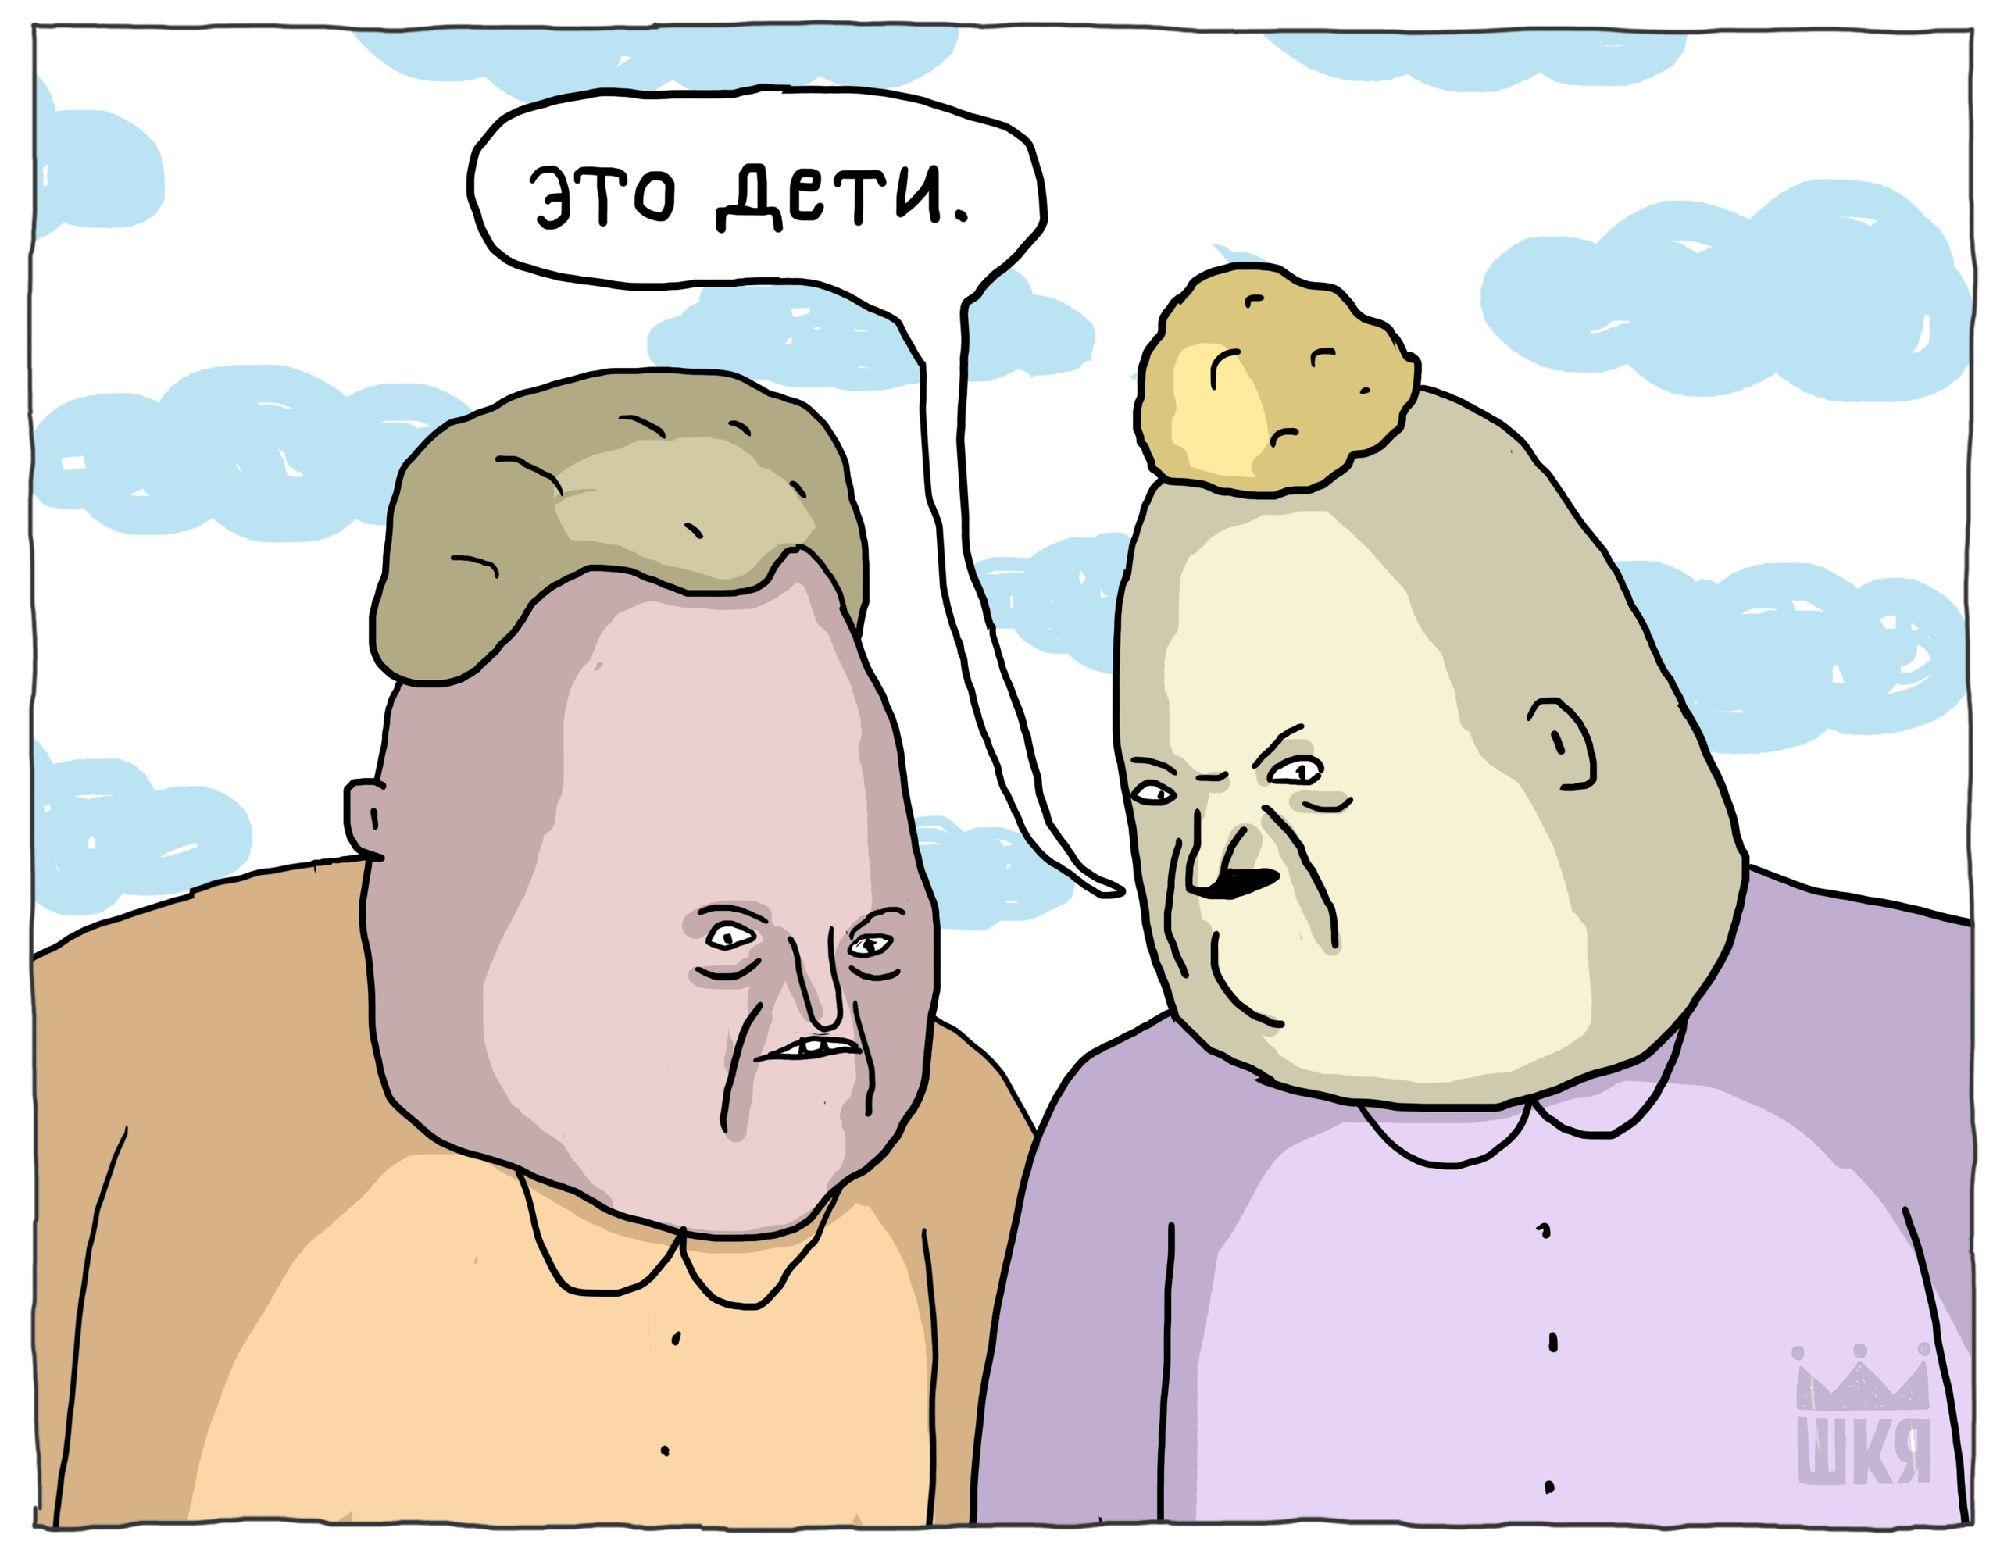 ©ШКЯ/Ева Морозова